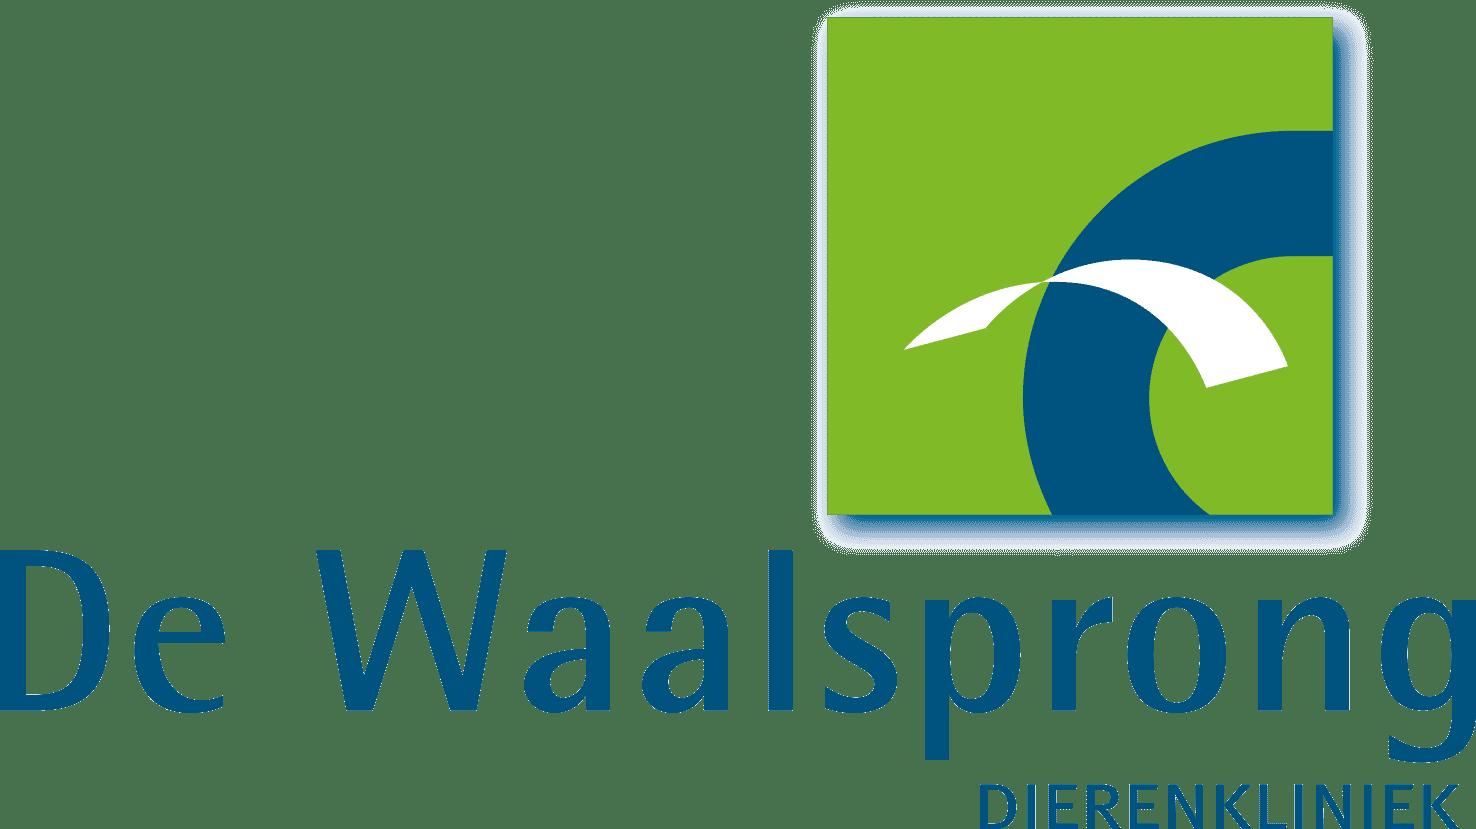 Dierenkliniek de Waalsprong